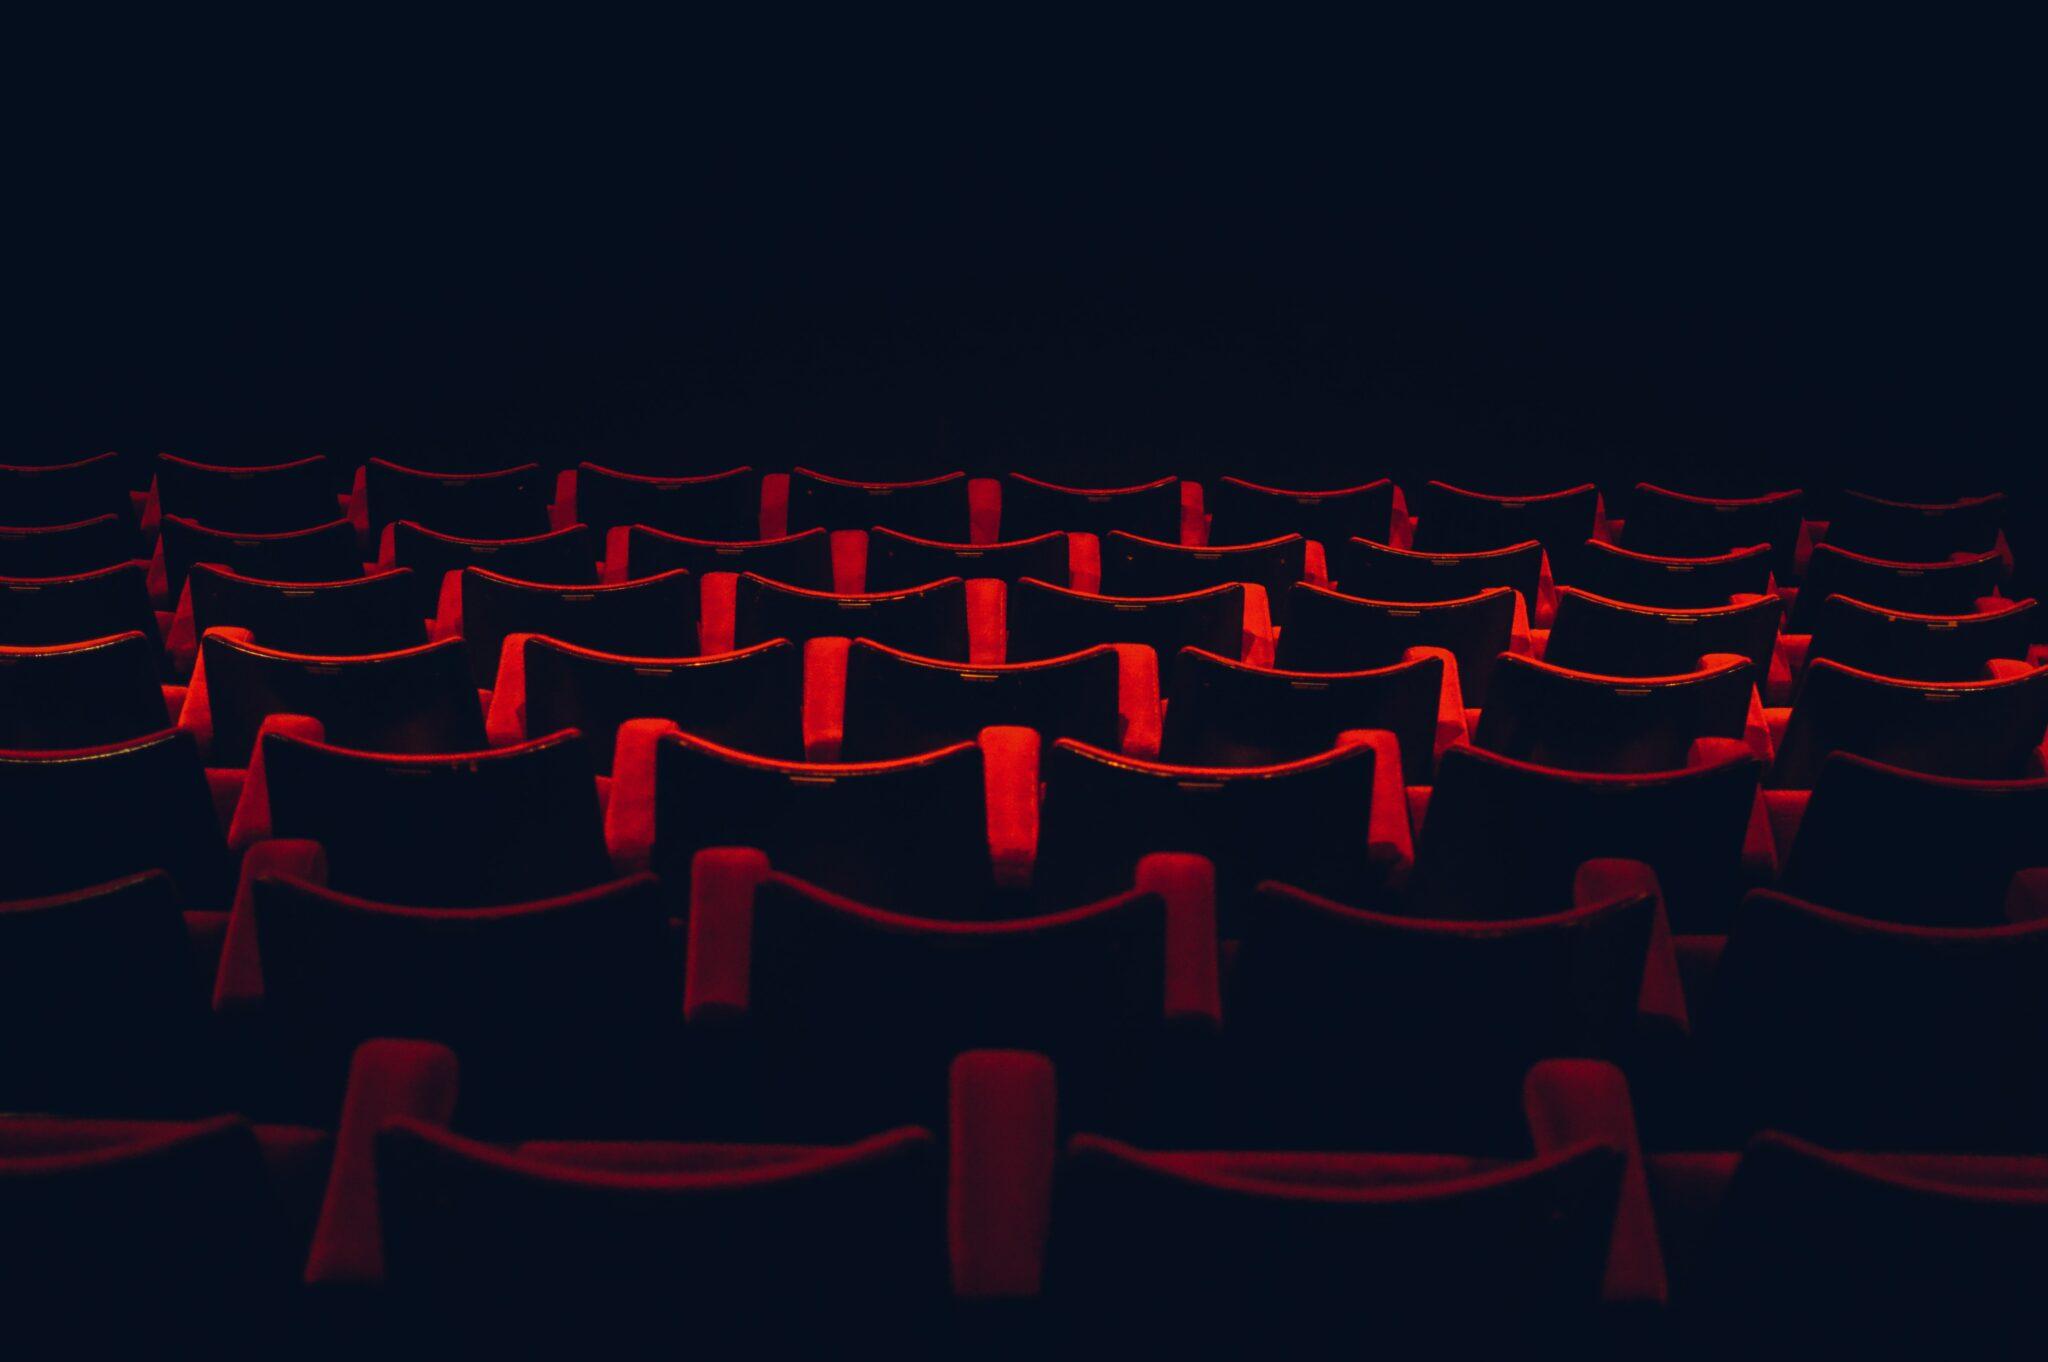 Les 10 étapes clés de l'histoire du cinéma